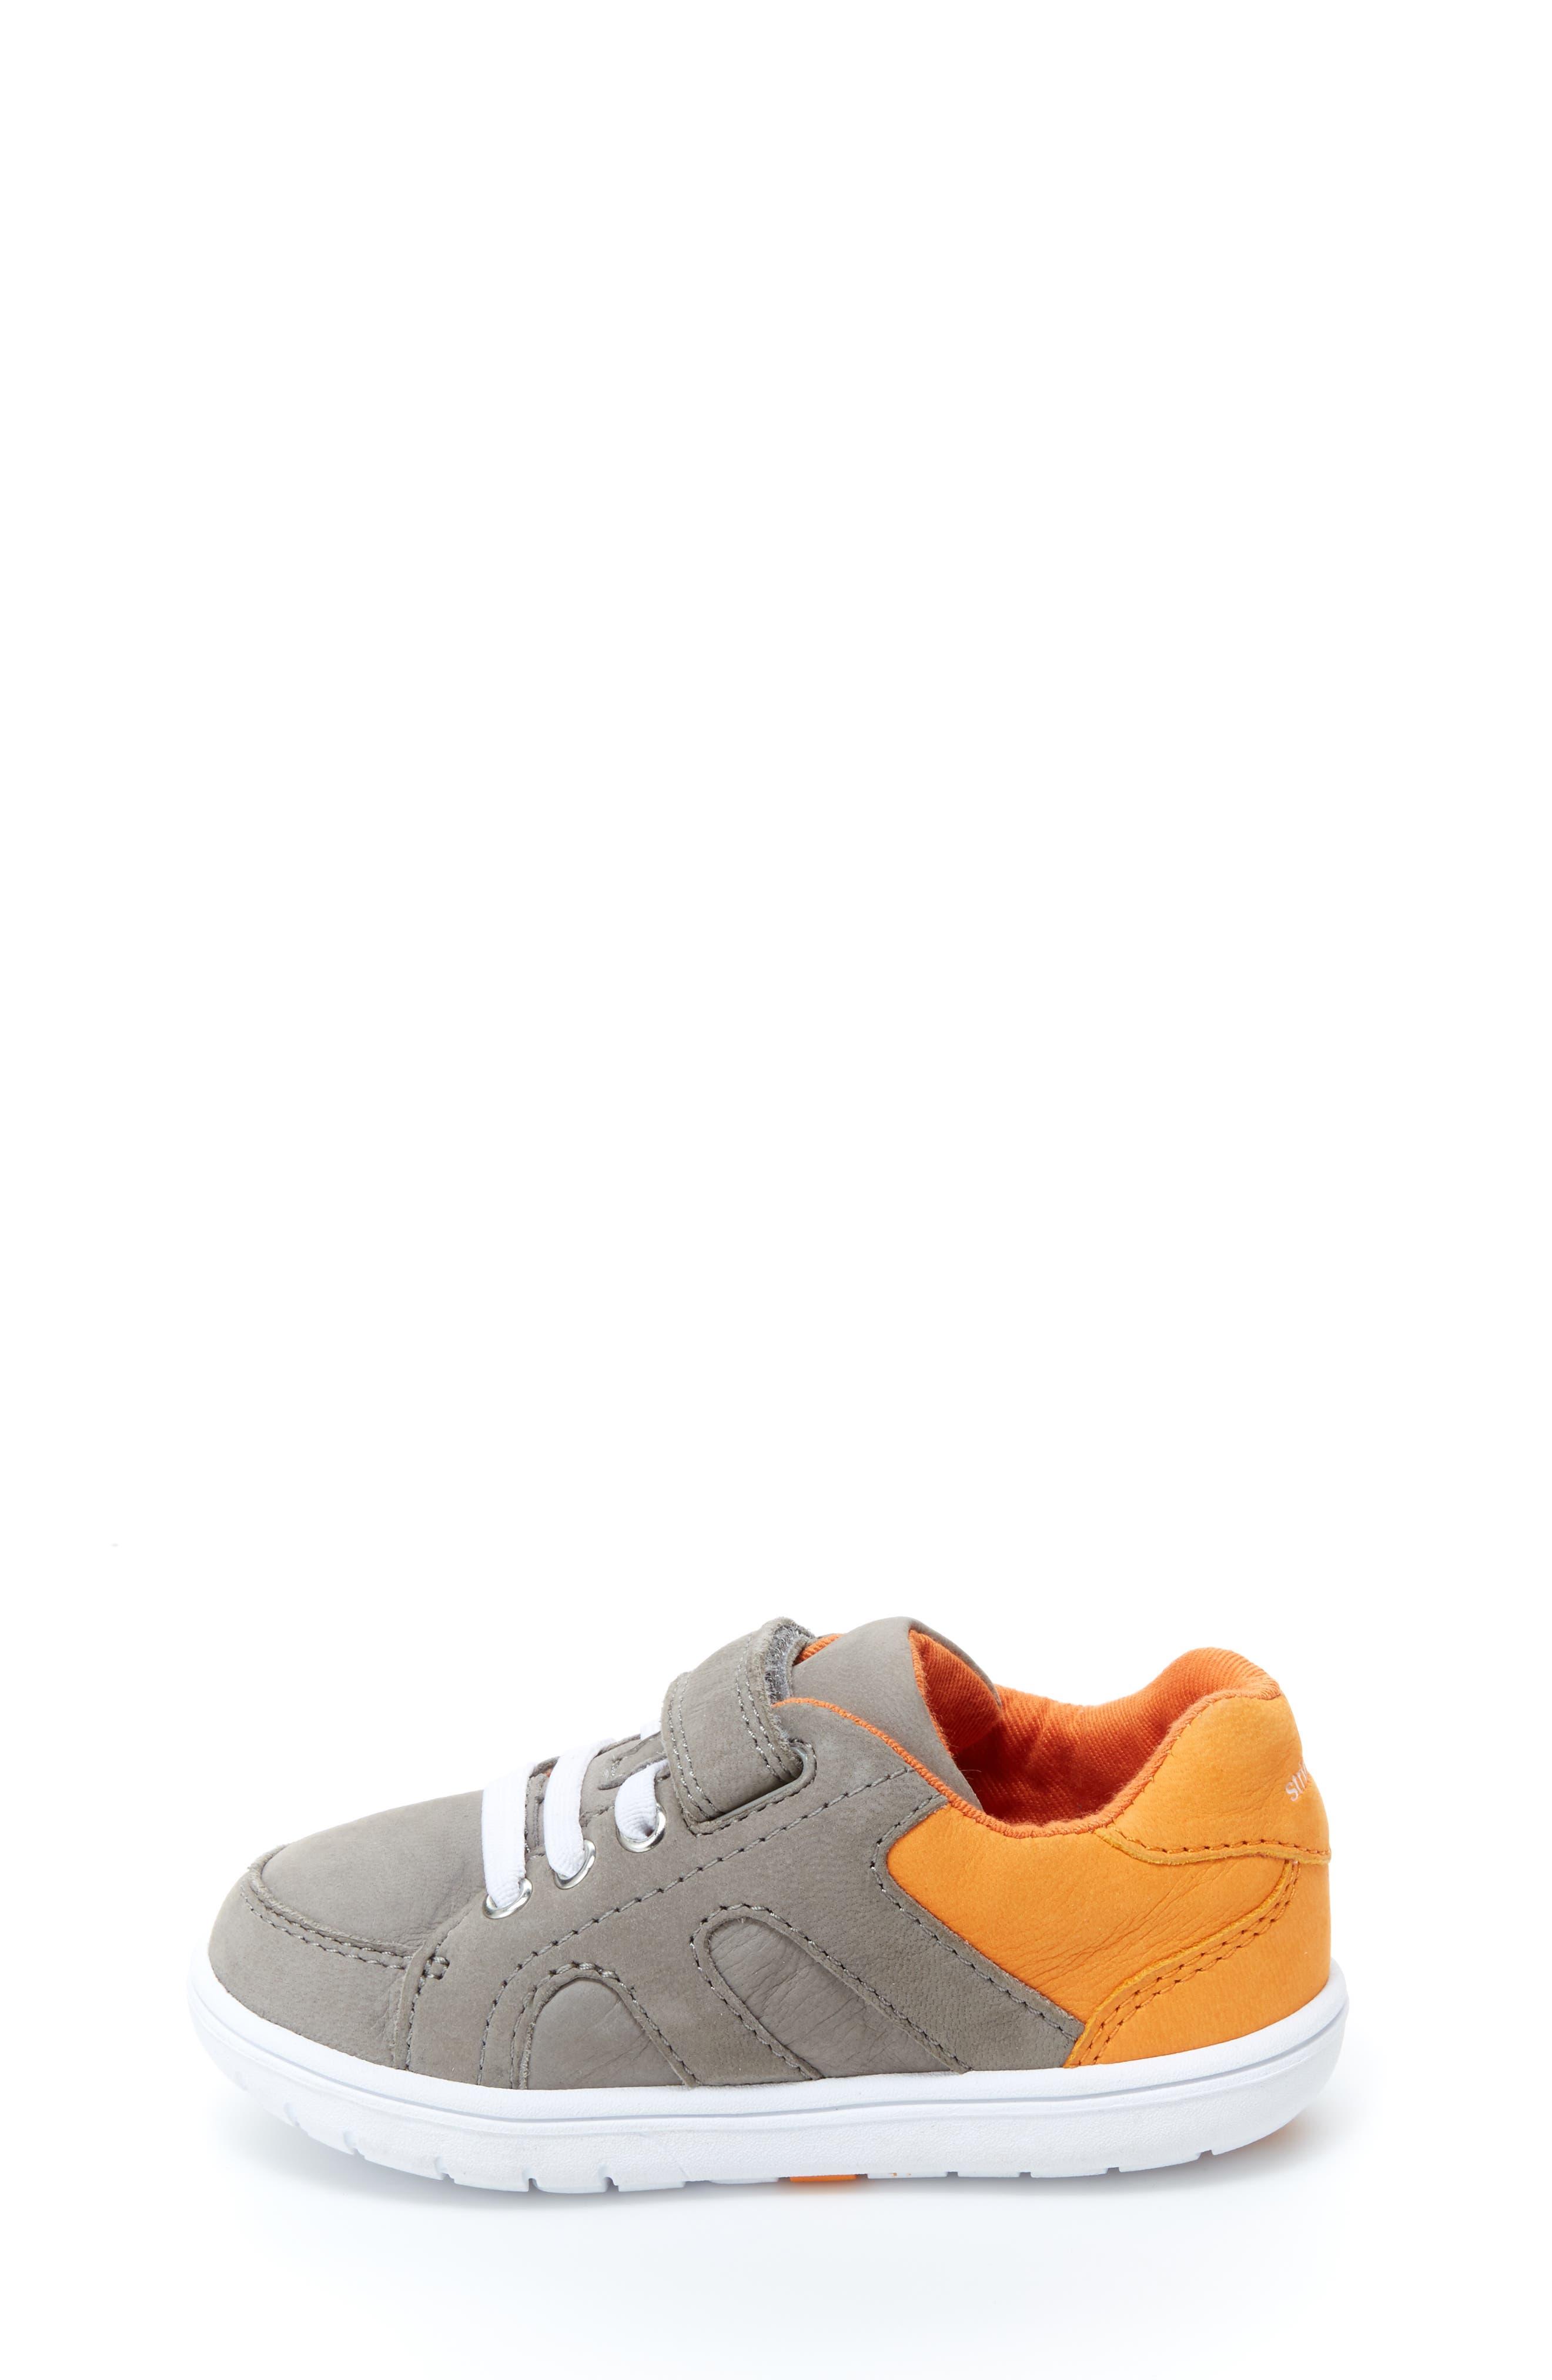 SRT Noe Sneaker,                             Alternate thumbnail 2, color,                             Grey/ Orange